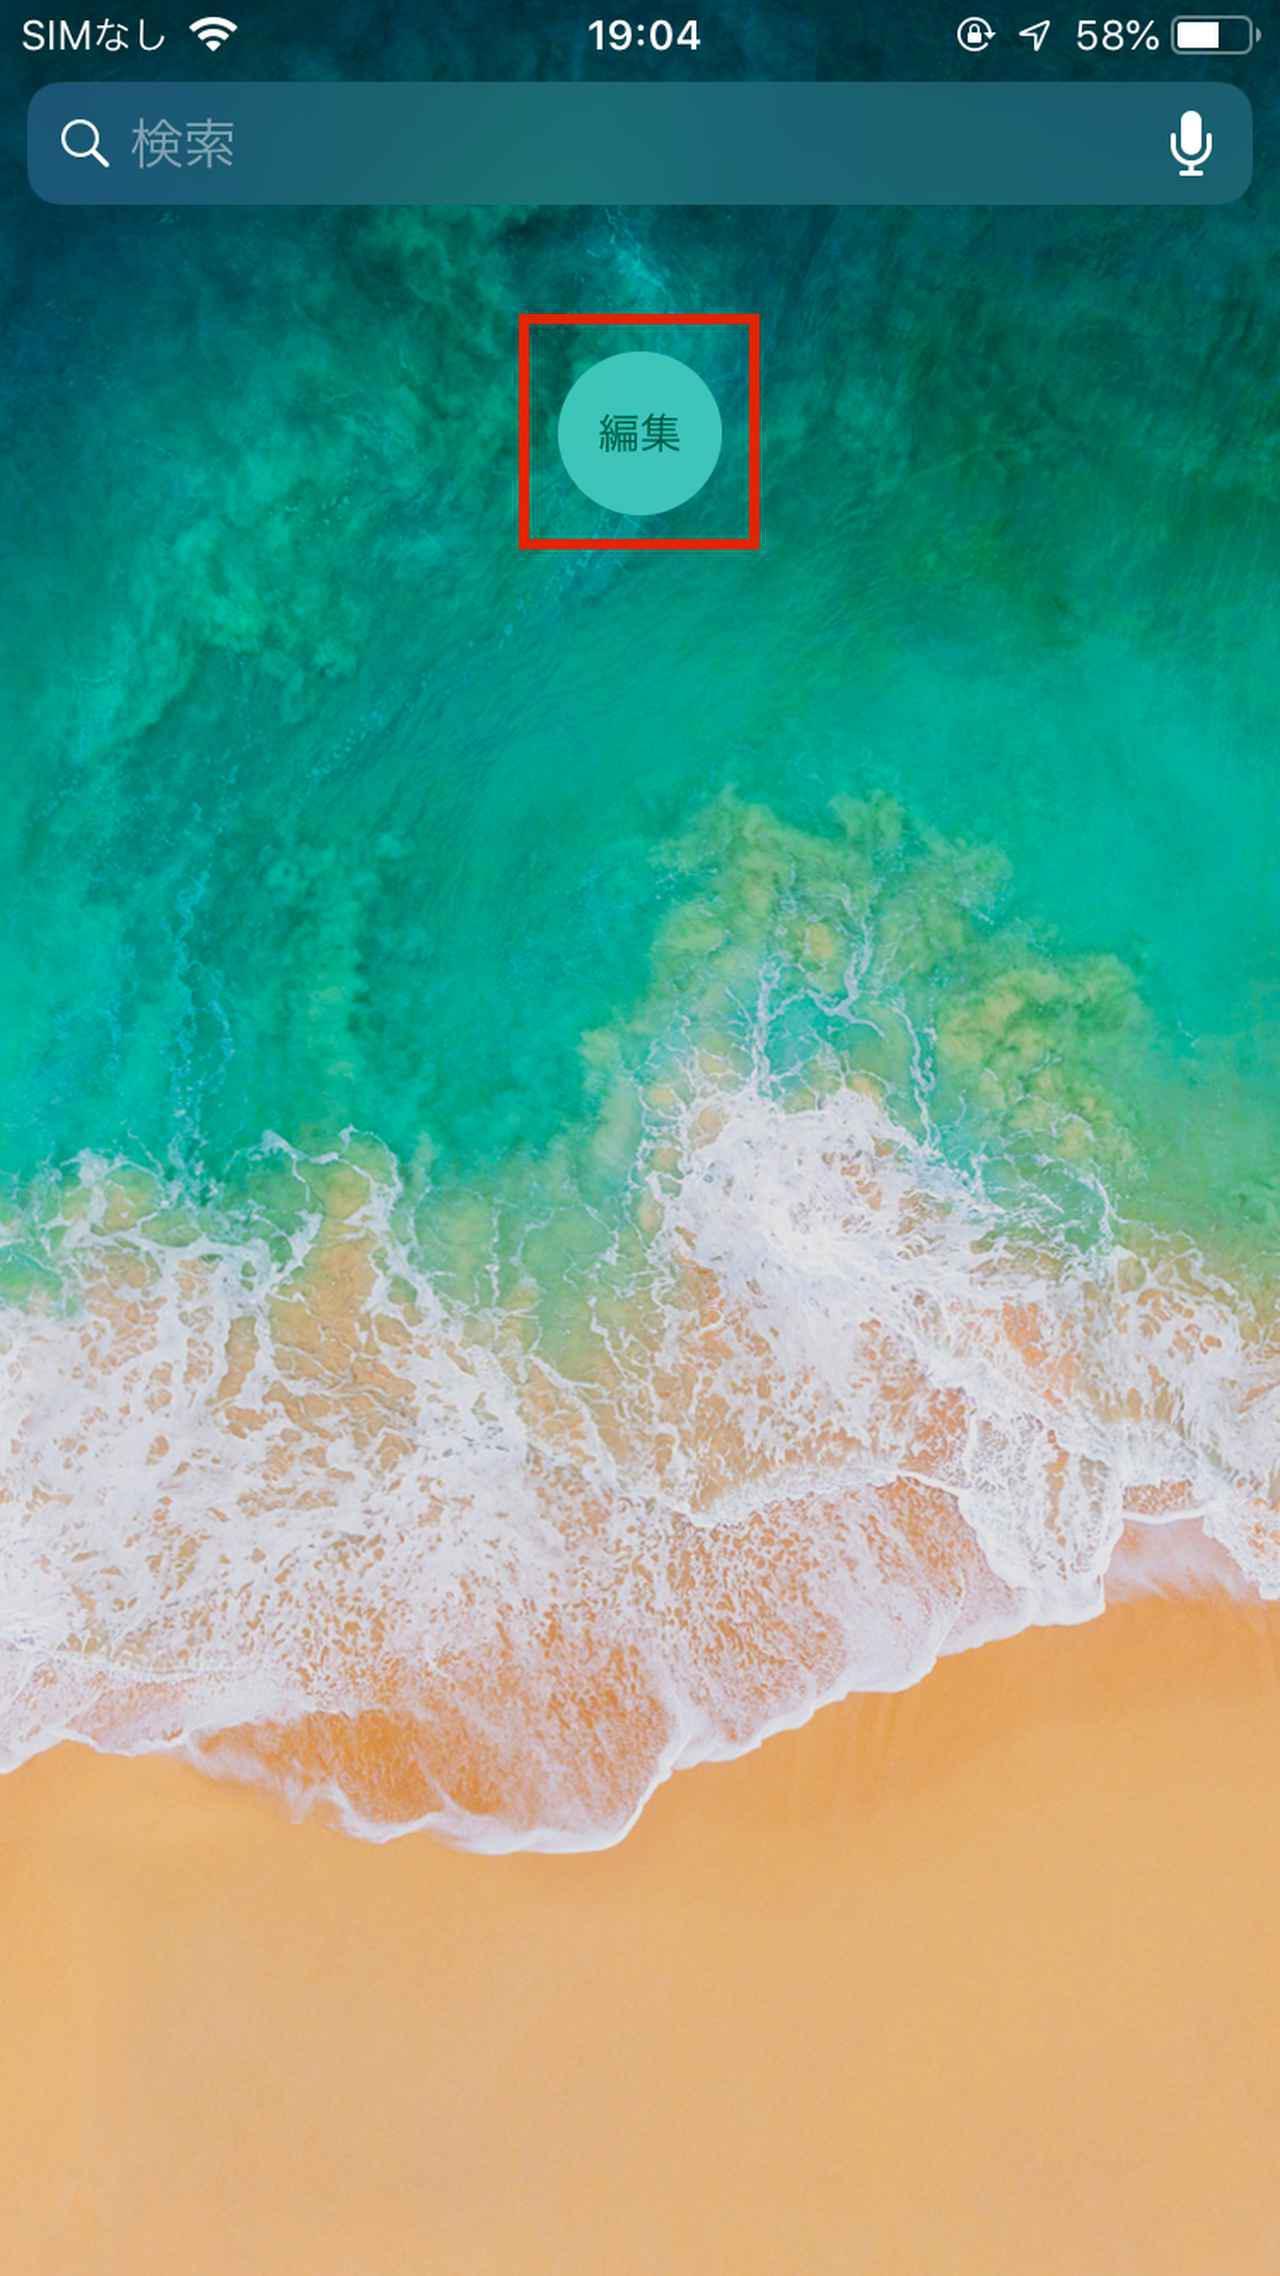 画像20: 【iPhone】ショートカットとは?アプリの使い方とおすすめの作成方法を簡単図解!